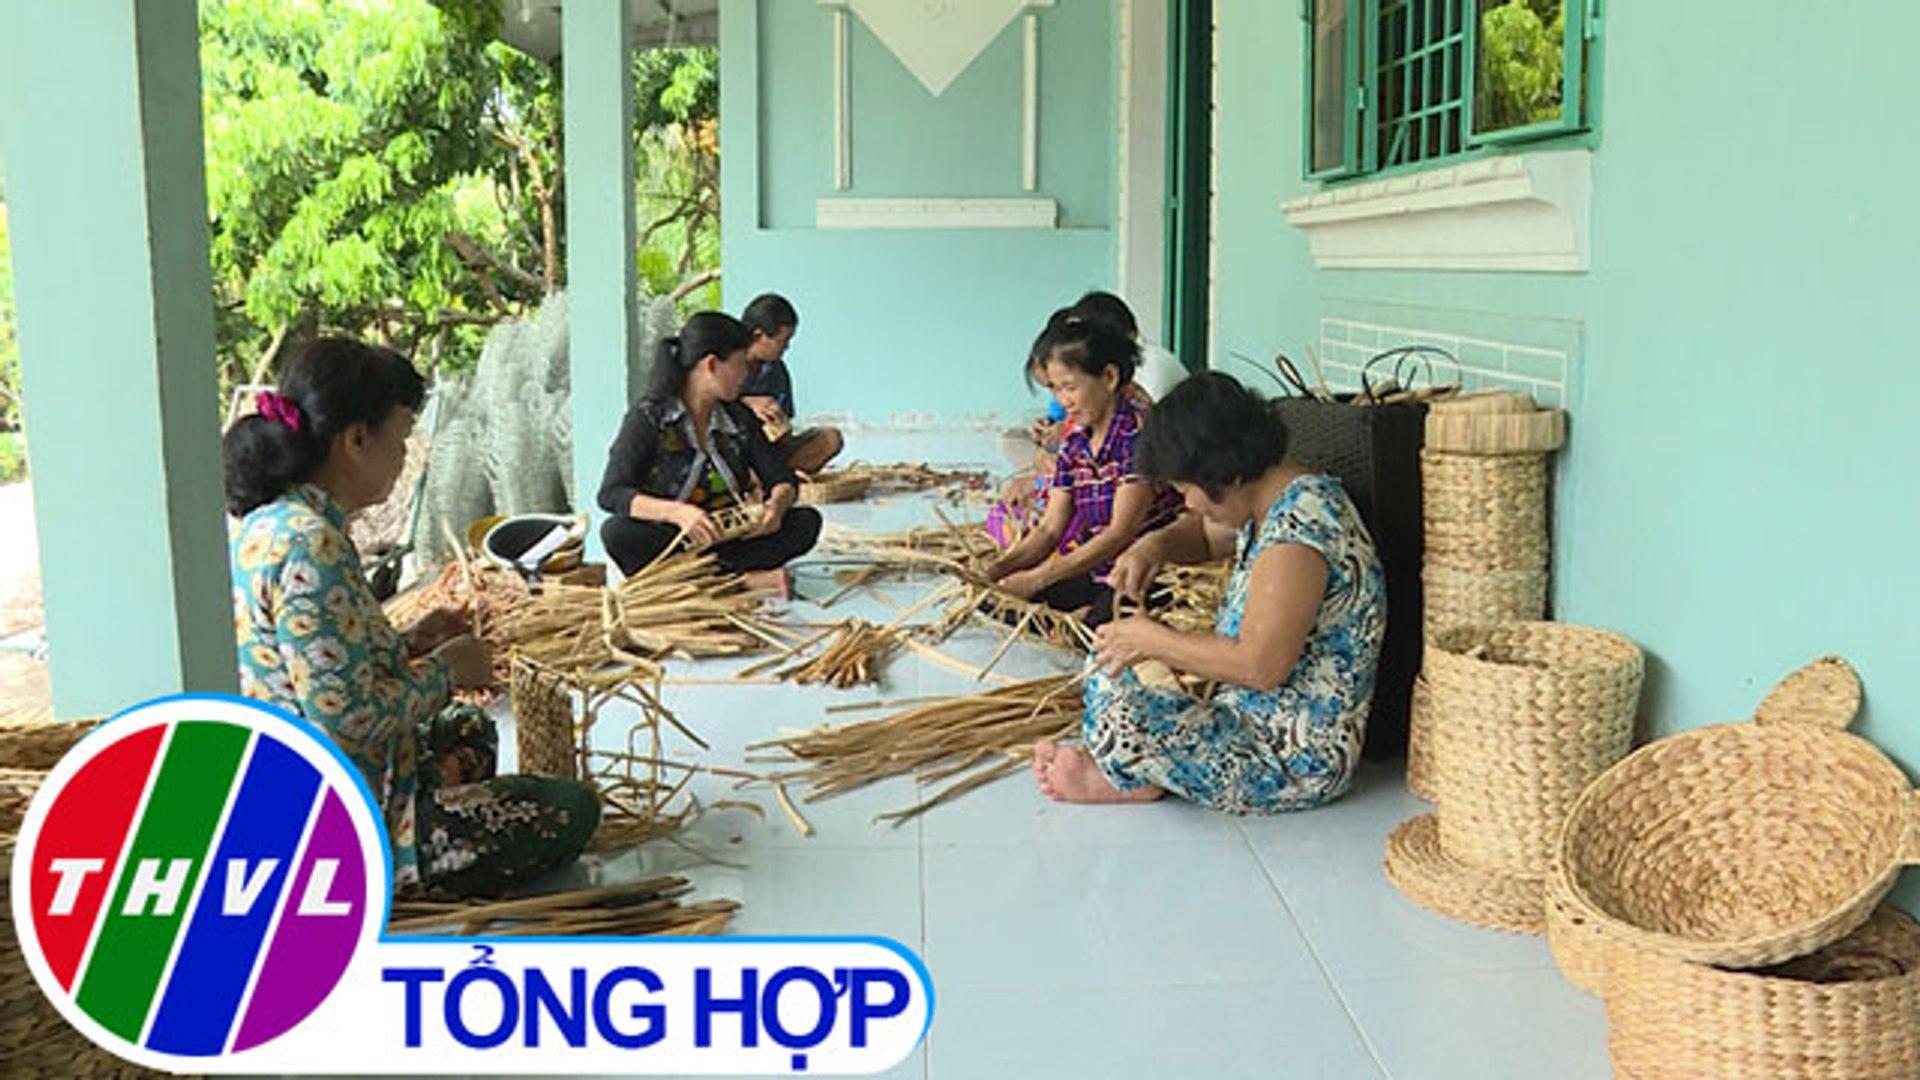 THVL   Nông thôn ngày nay: Hiệu quả từ công tác đào tạo nghề cho lao động nông thôn